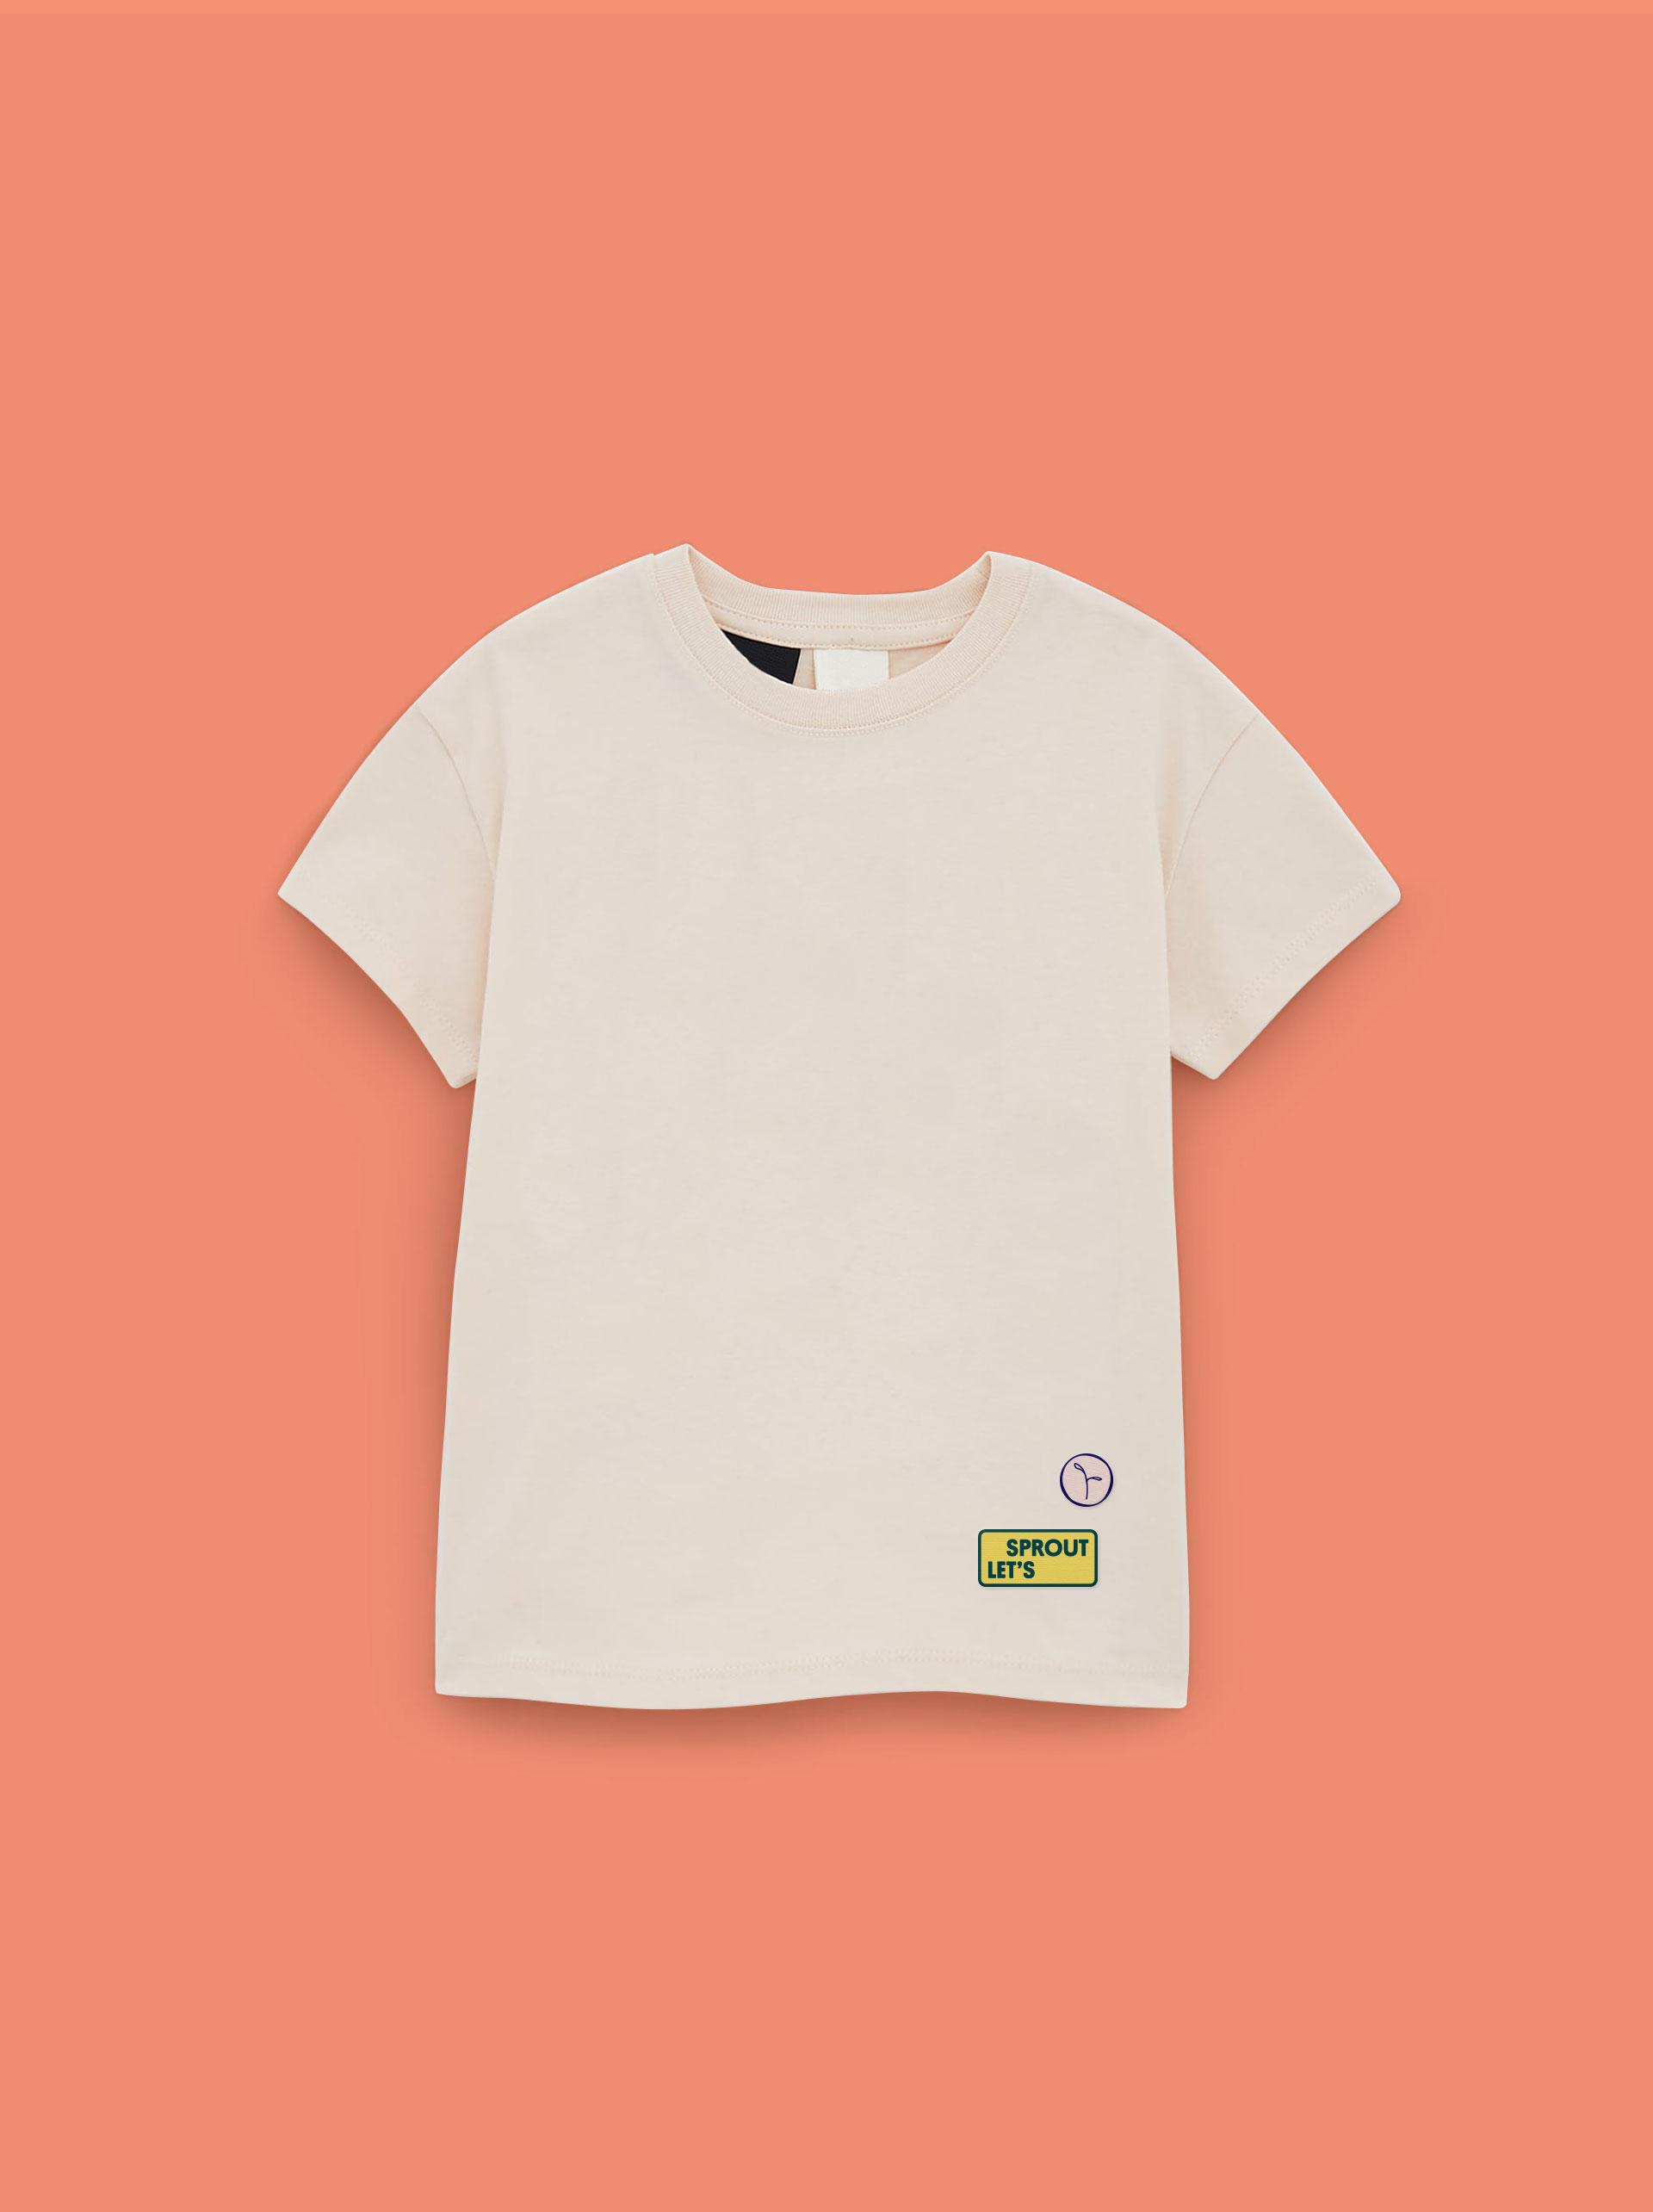 LS_Tshirt.jpg